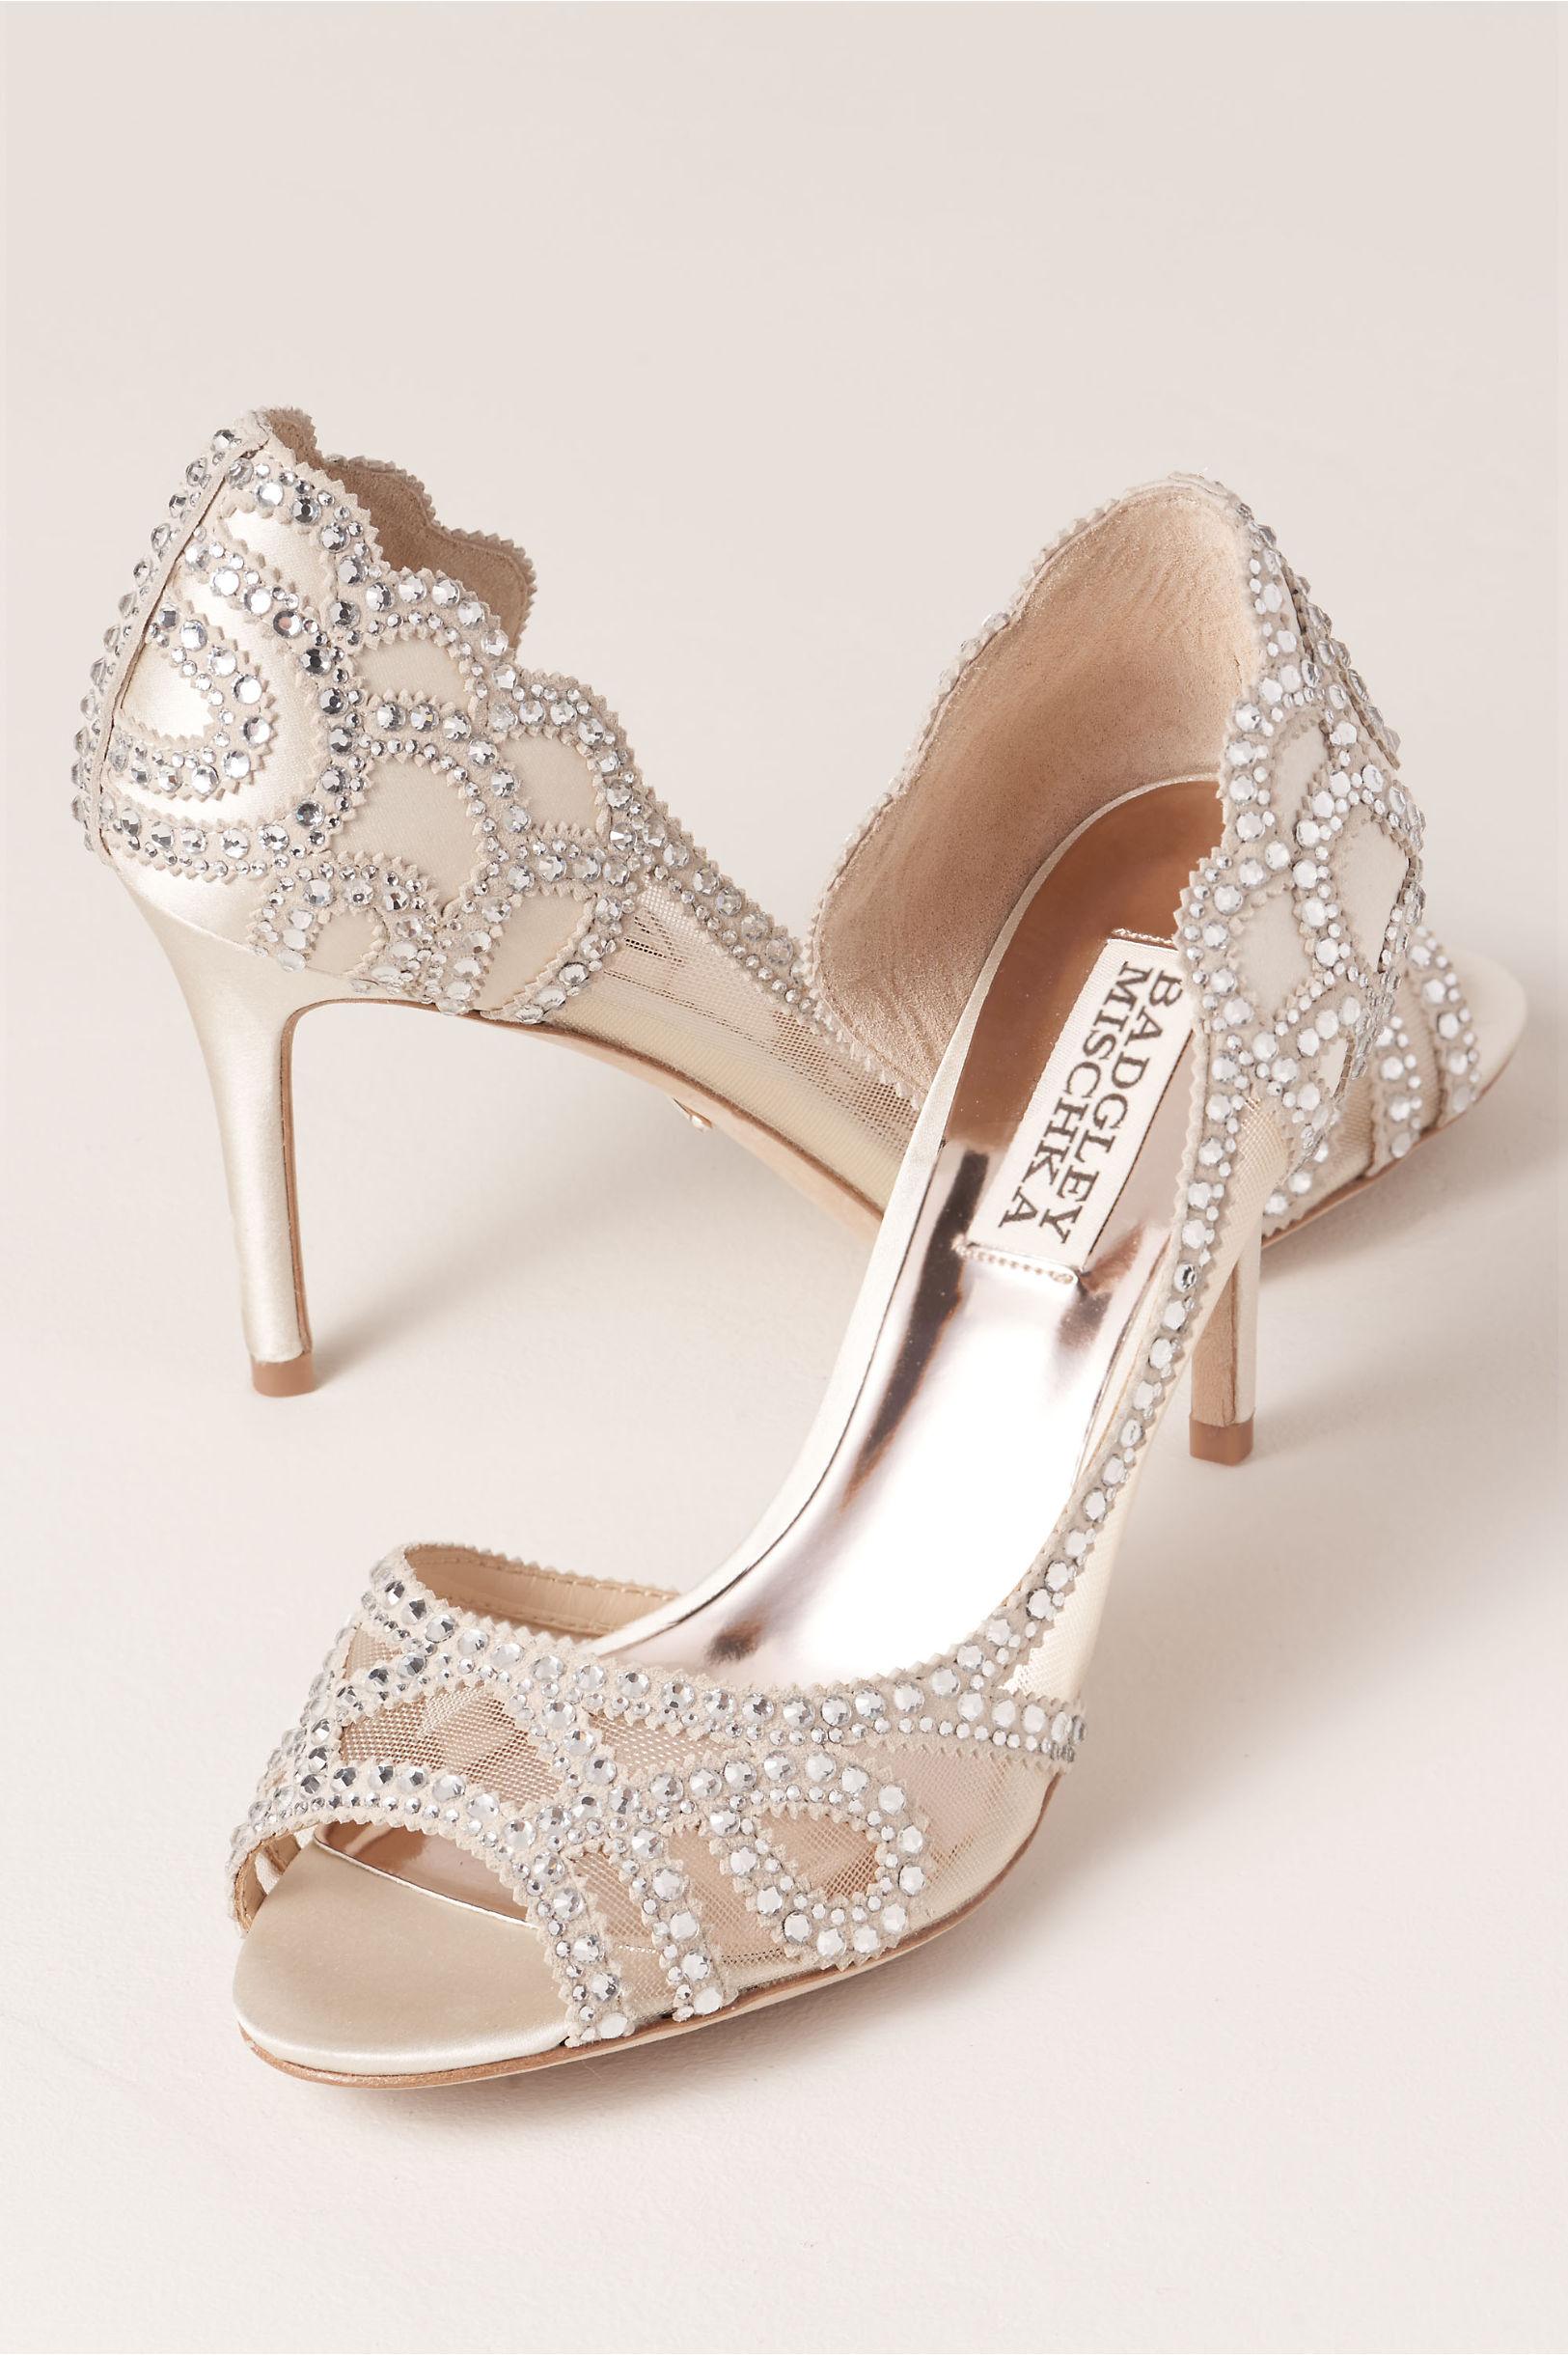 152ded41372 Badgley Mischka Marla Peep-Toe Heels Ivory in Shoes   Accessories ...